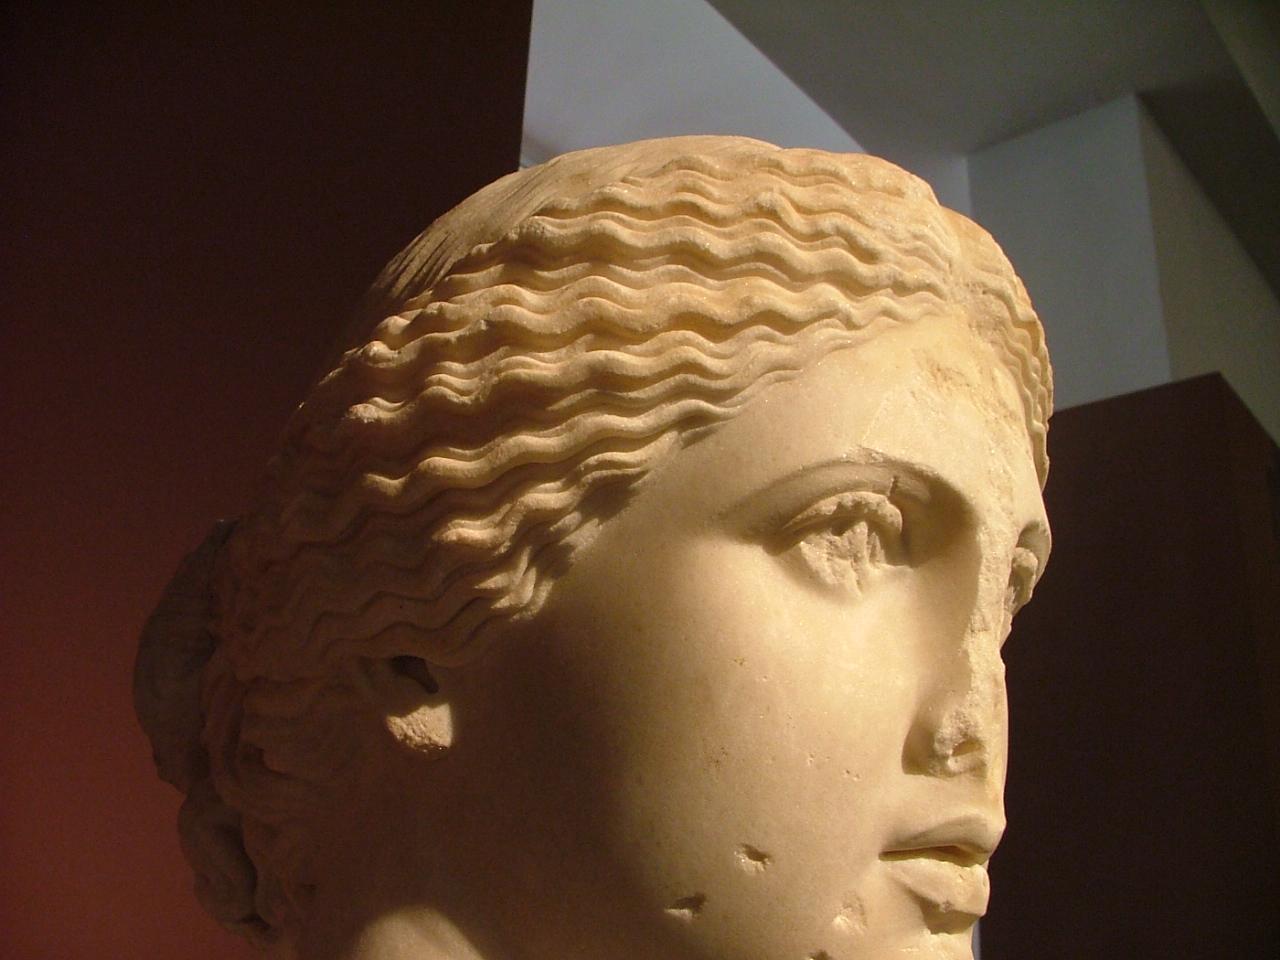 Голова афродиты рисунок